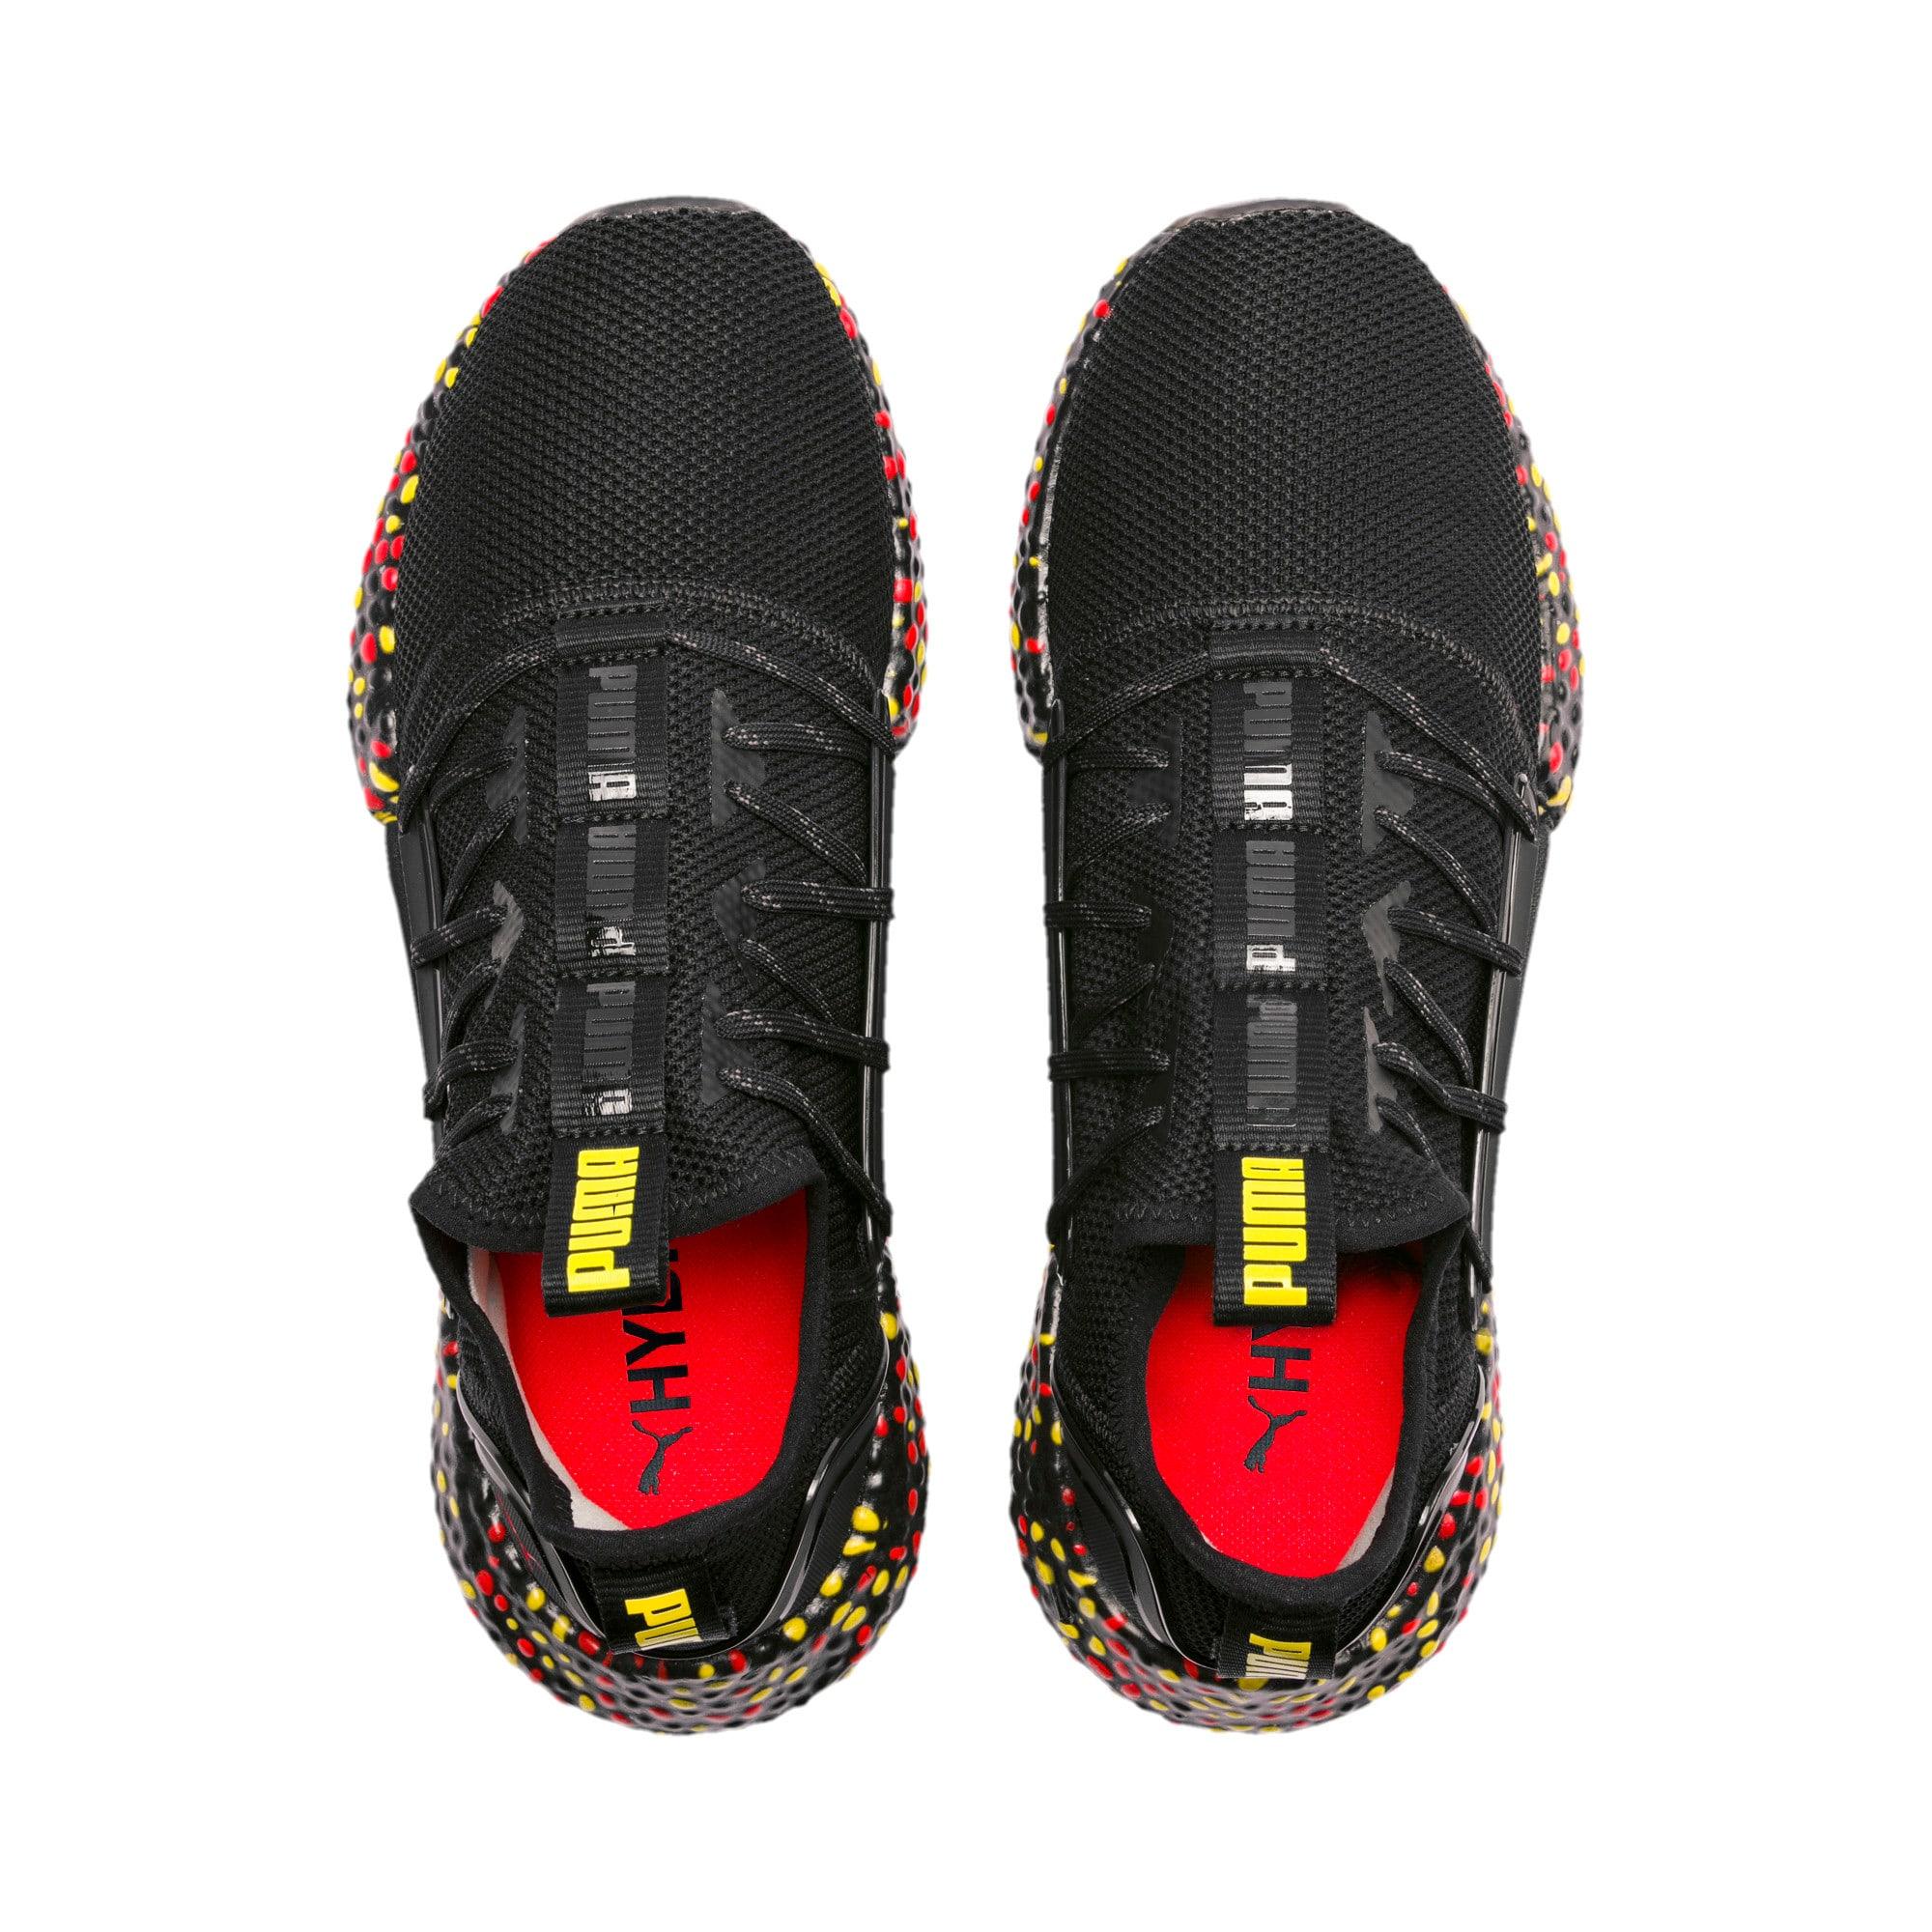 Miniaturka 8 Męskie buty do biegania Hybrid Rocket Runner, Kolor Black-Blazing Yellow-Red, średnie